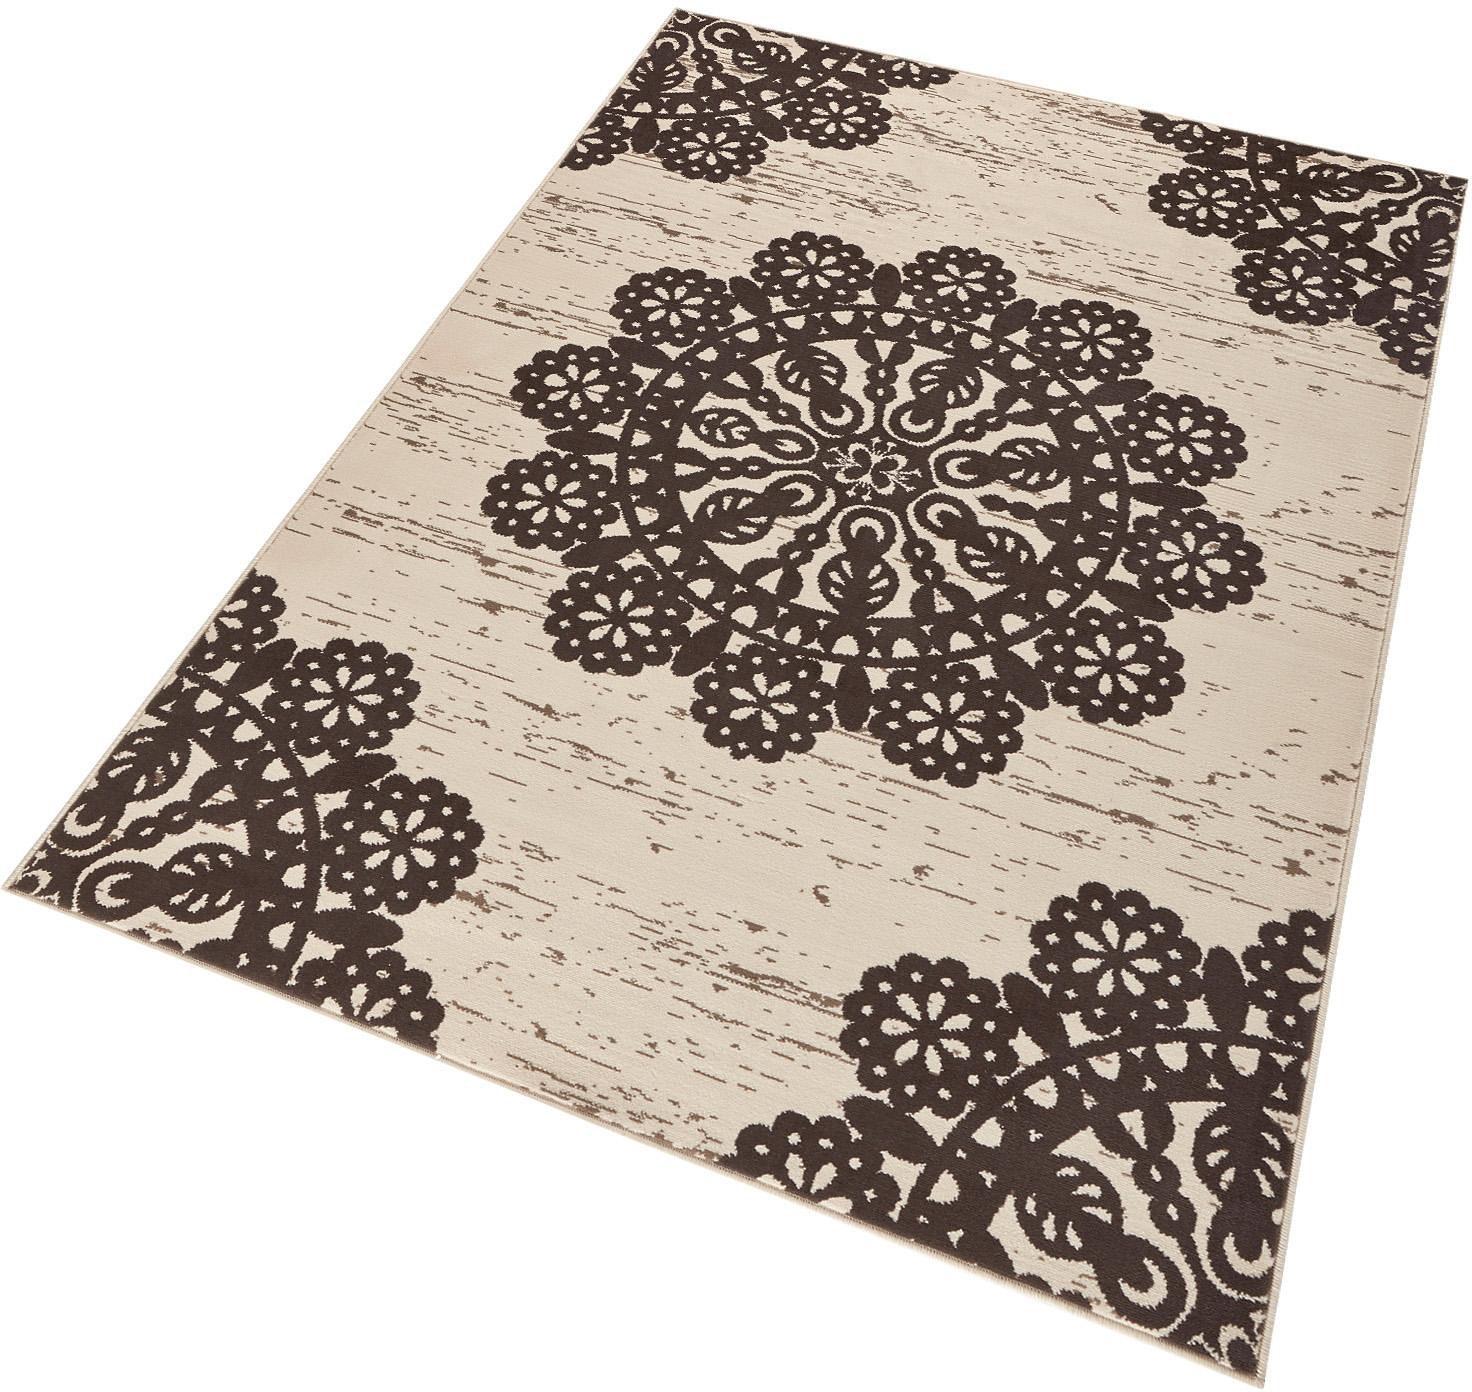 Teppich Lace HANSE Home rechteckig Höhe 9 mm maschinell gewebt